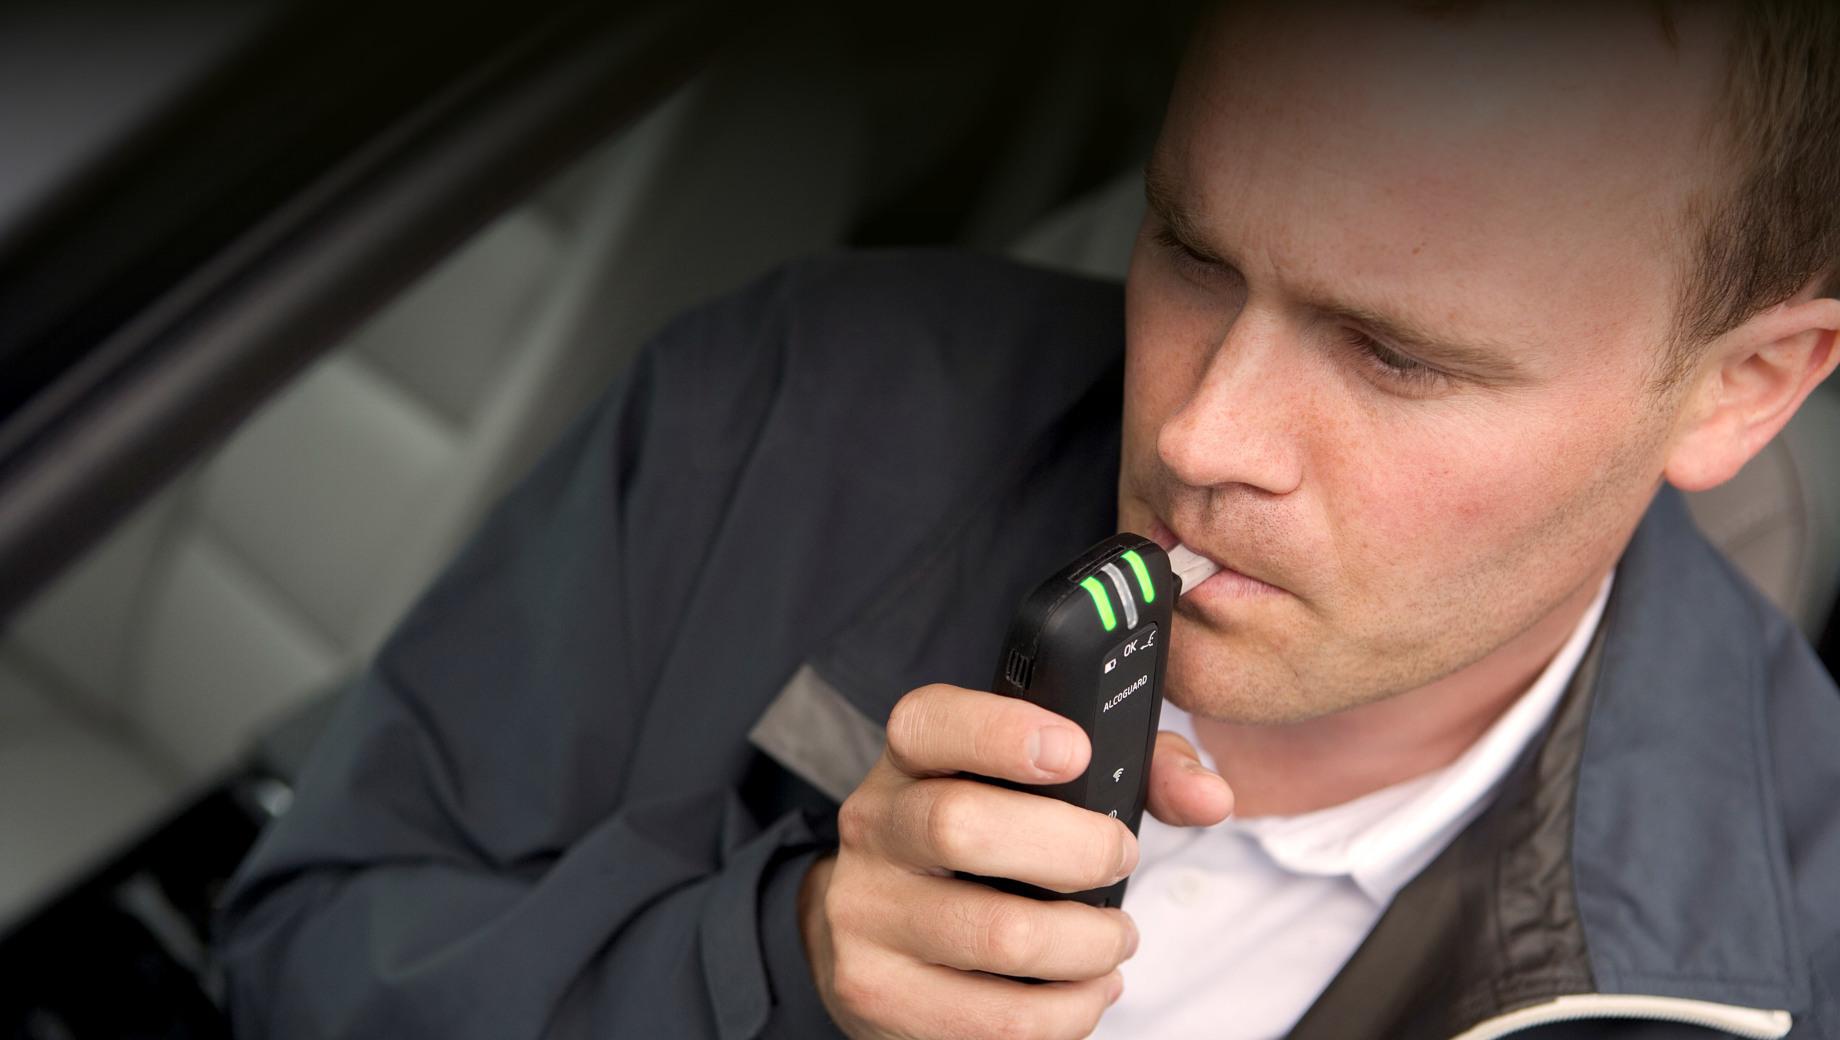 Новые автомобили в ЕС оснастят интерфейсом для алкотестера